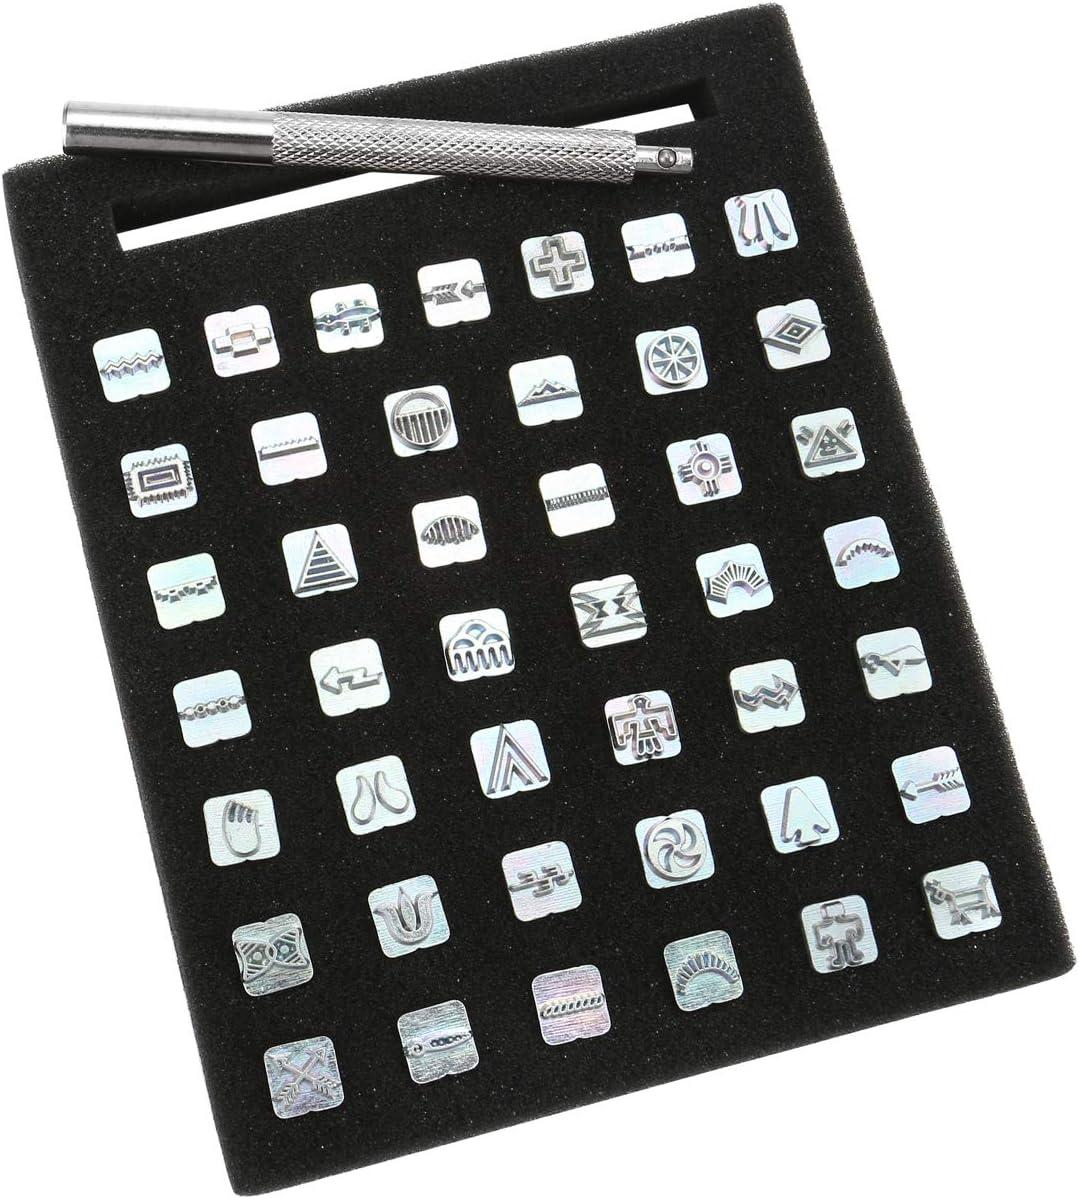 0-9 Zahlen A-Z Alphabet Buchstaben 13mm Mogokoyo 36 PCS Buchstaben und Zahlen Metall Stempel-Set Stamping Punch Leder Werkzeuge f/ür DIY handgemacht Leder